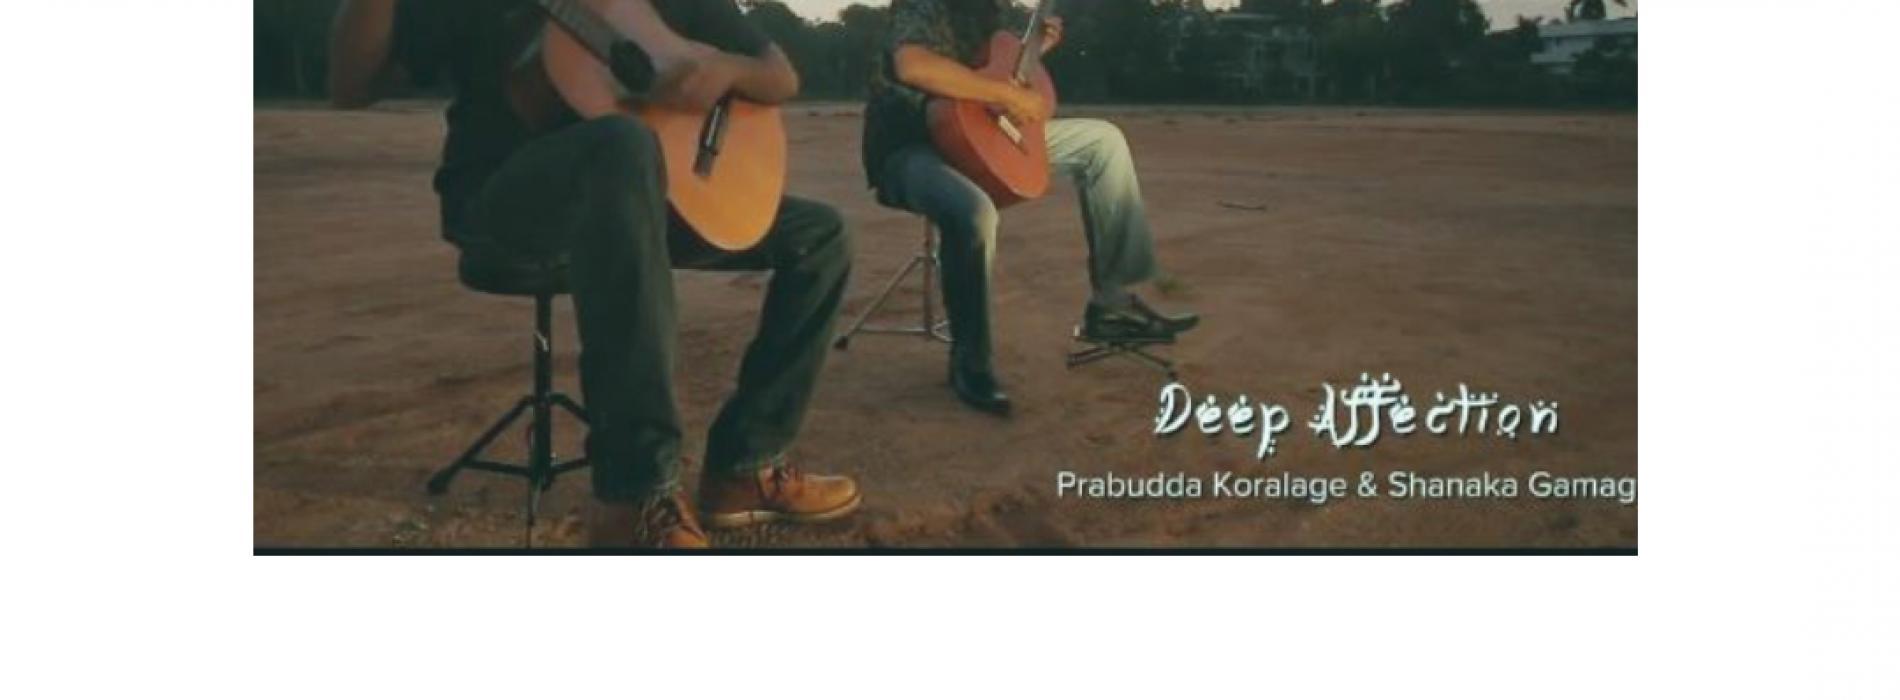 Deep Affection – Prabudda Koralage & Shanaka Gamage